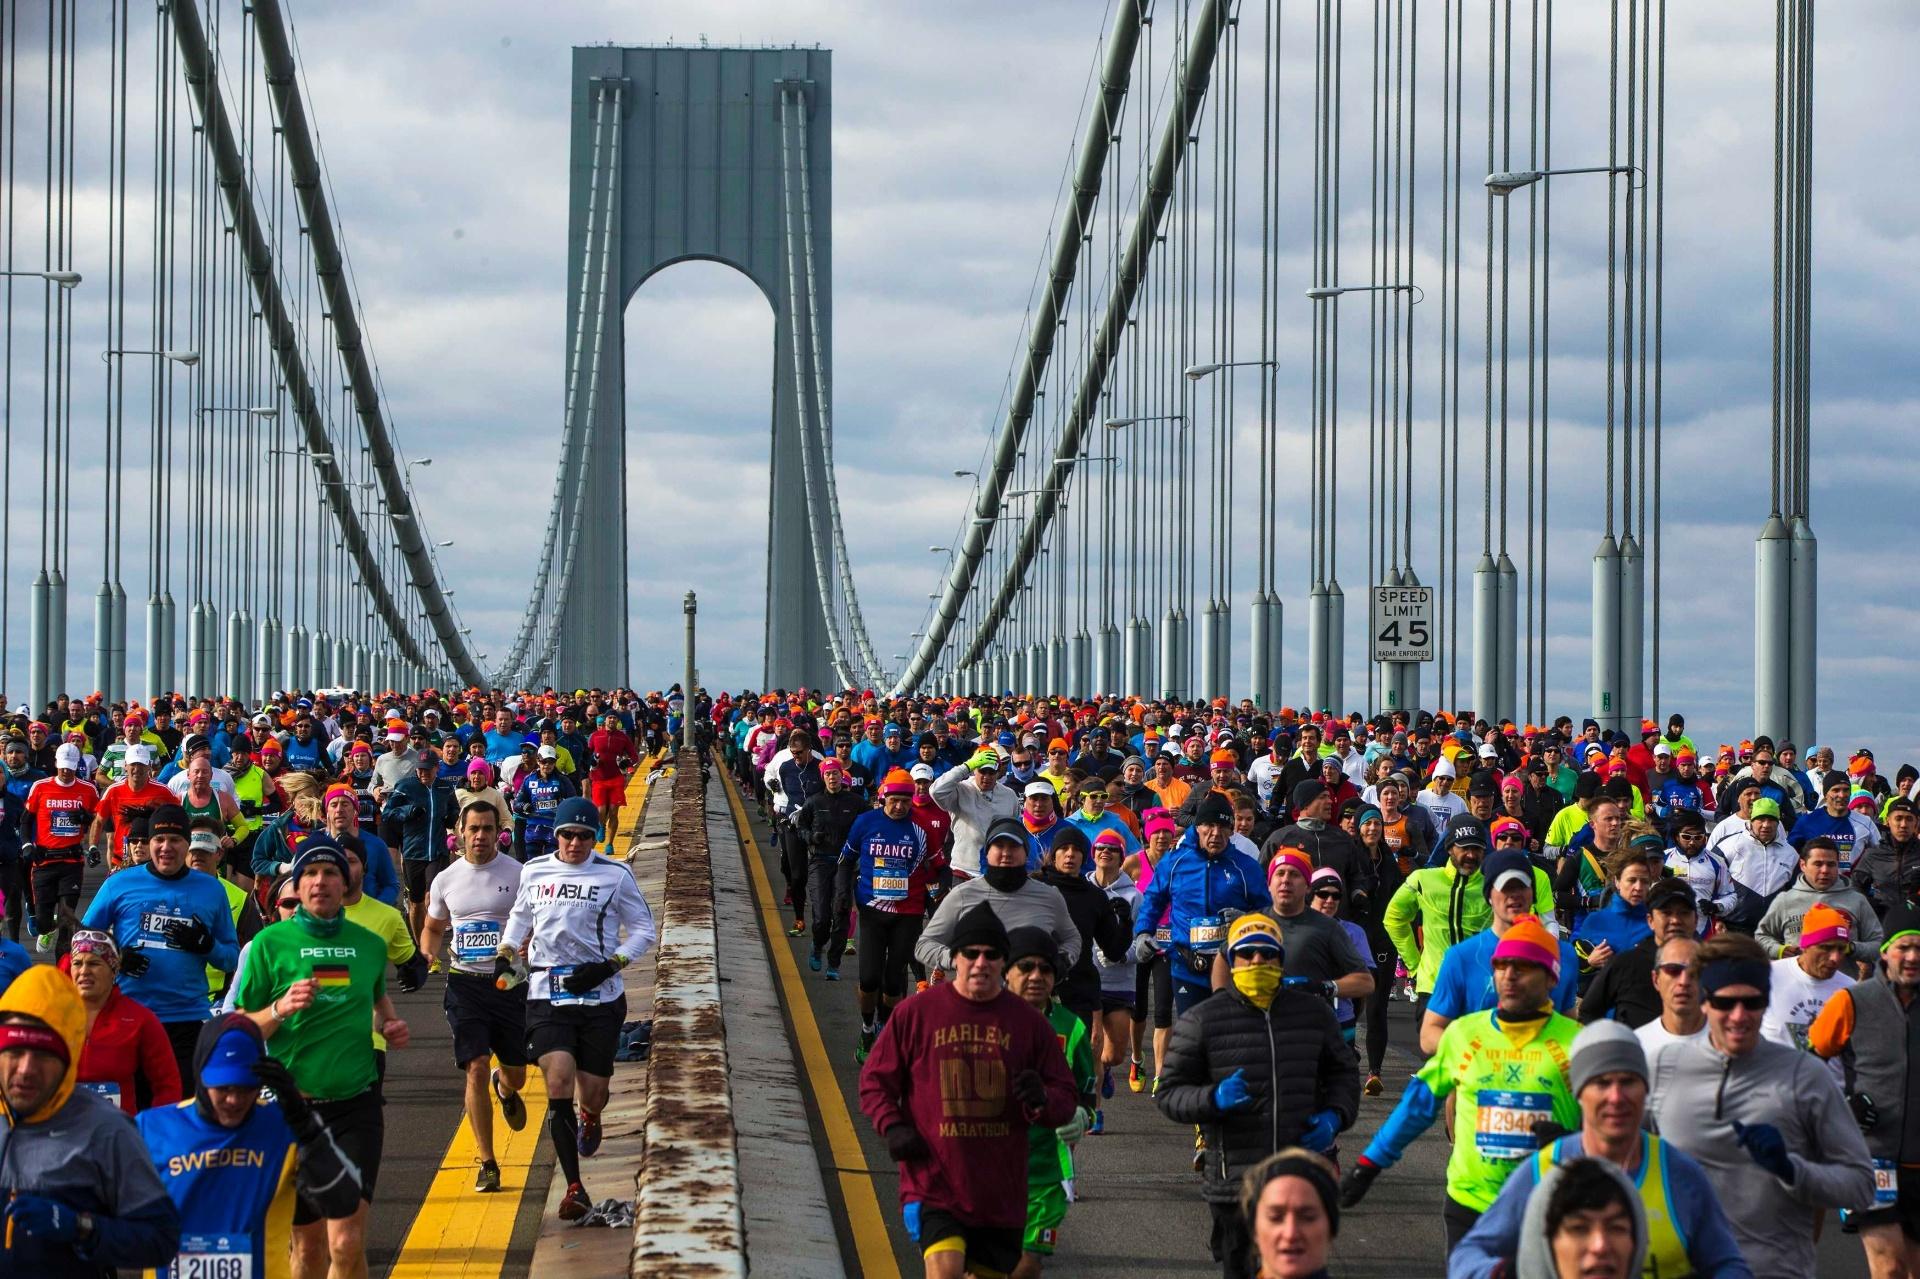 Agente é investigado por participação de russos em maratonas nos EUA -  03 11 2016 - UOL Esporte ae34c4dfaf7cc